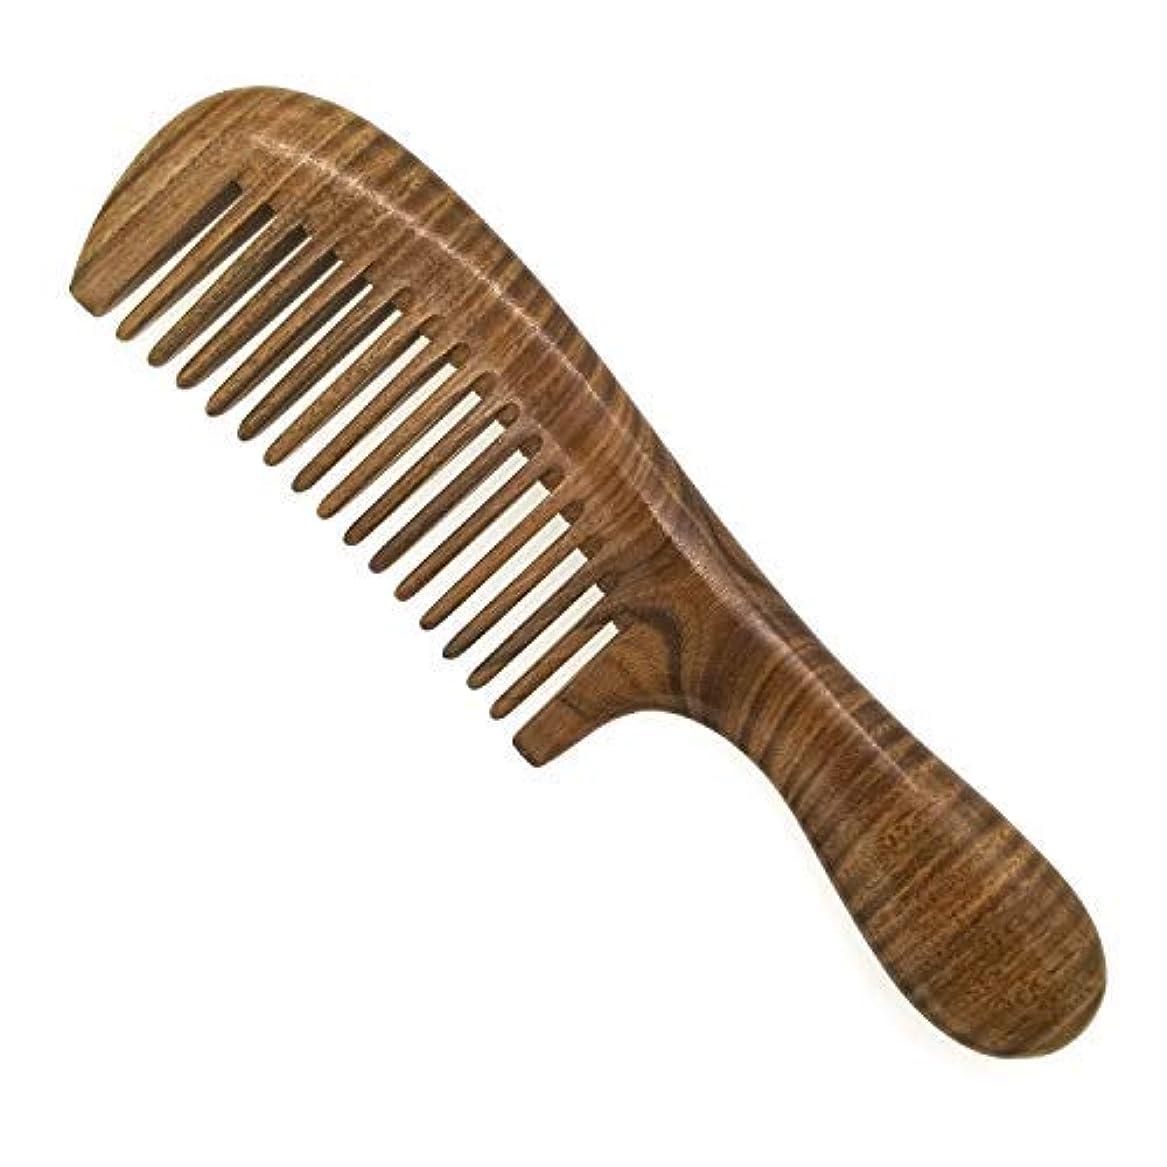 意図するリスピンポイントERZA SCARLET Real Natural Green Sandalwood Wooden Comb/Boutique Hair Comb - NO SNAGS,NO STATIC,NO TANGLE (Wide tooth) [並行輸入品]